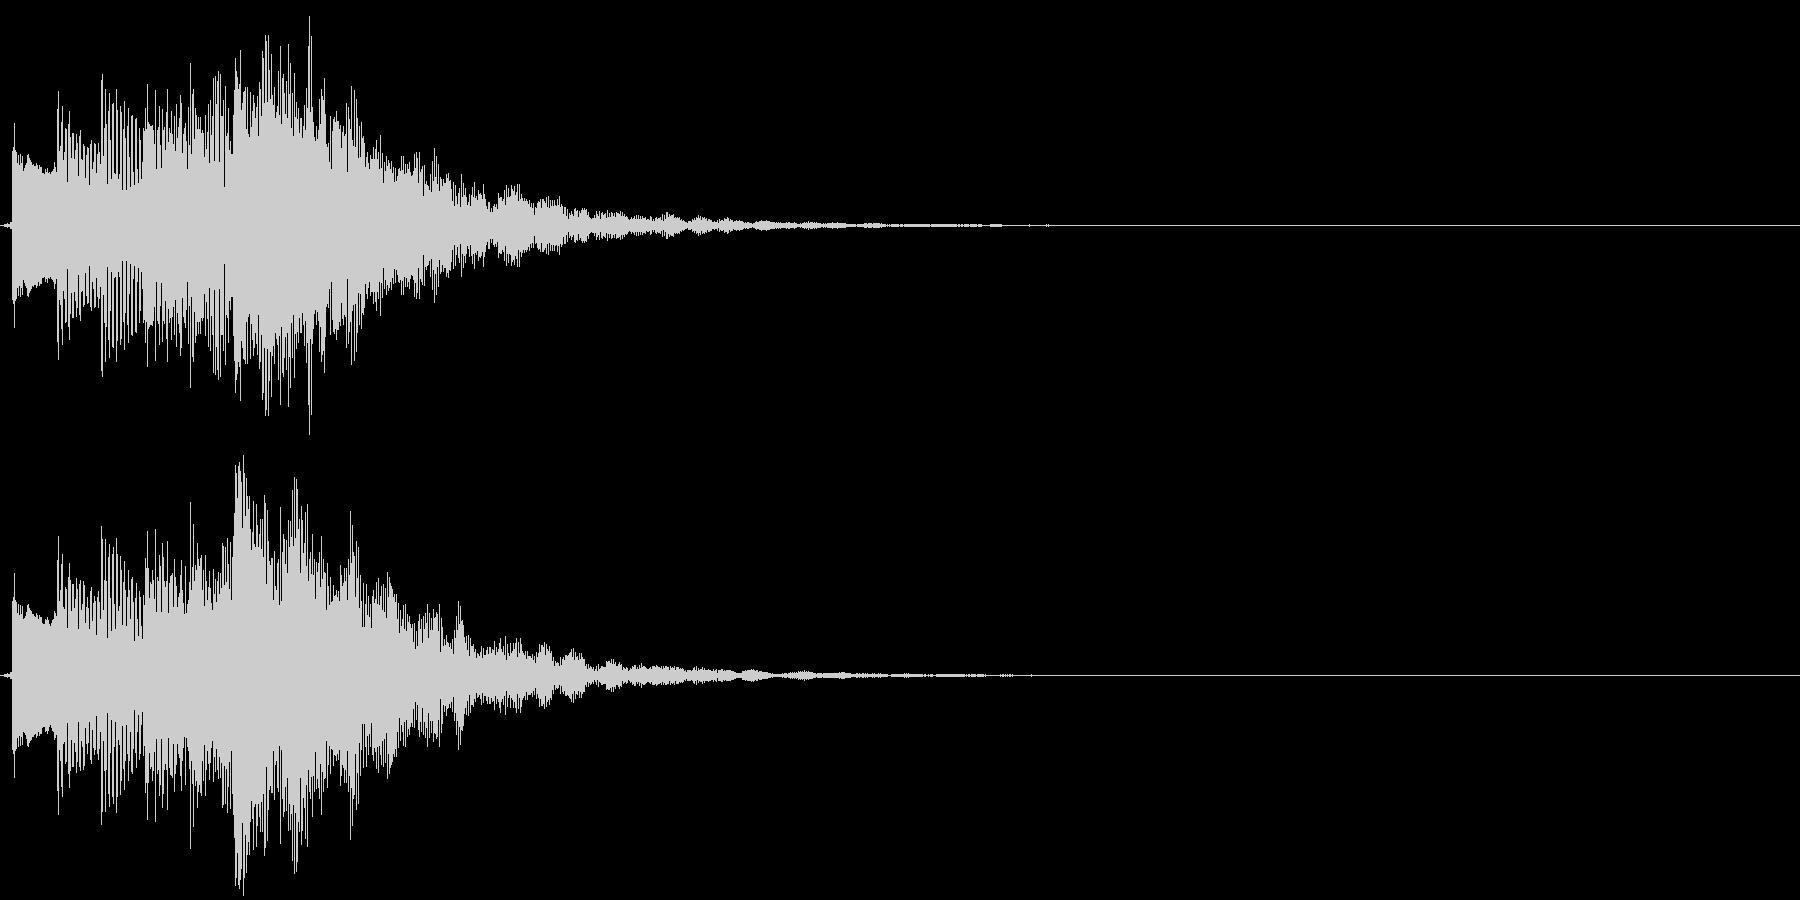 可愛らしい電子音のサウンドロゴの未再生の波形